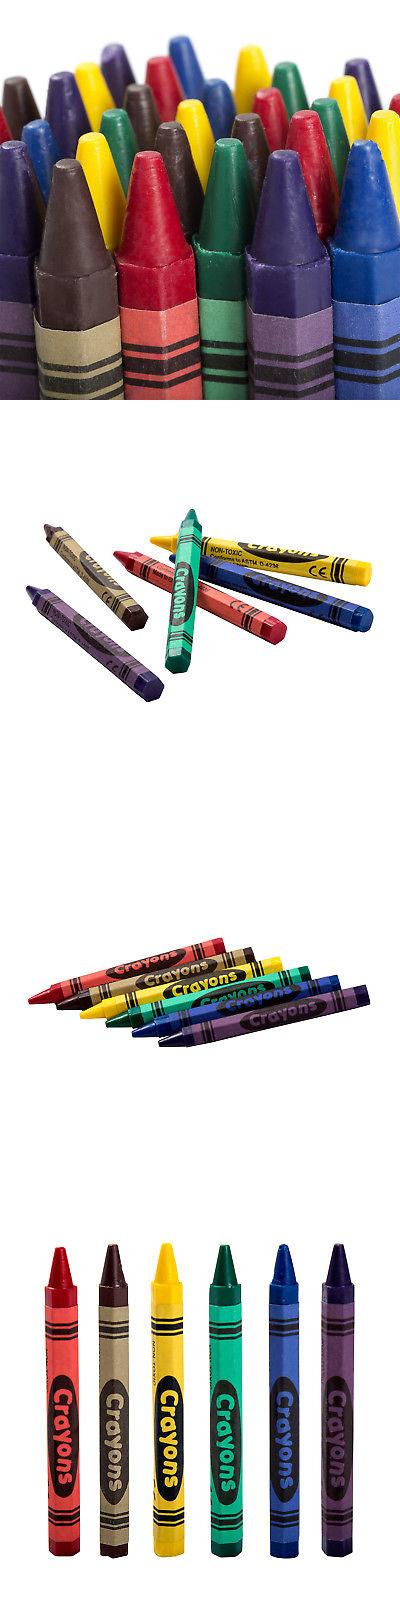 crayons 116653 6 color kids fun restaurant bulk honeycomb crayons